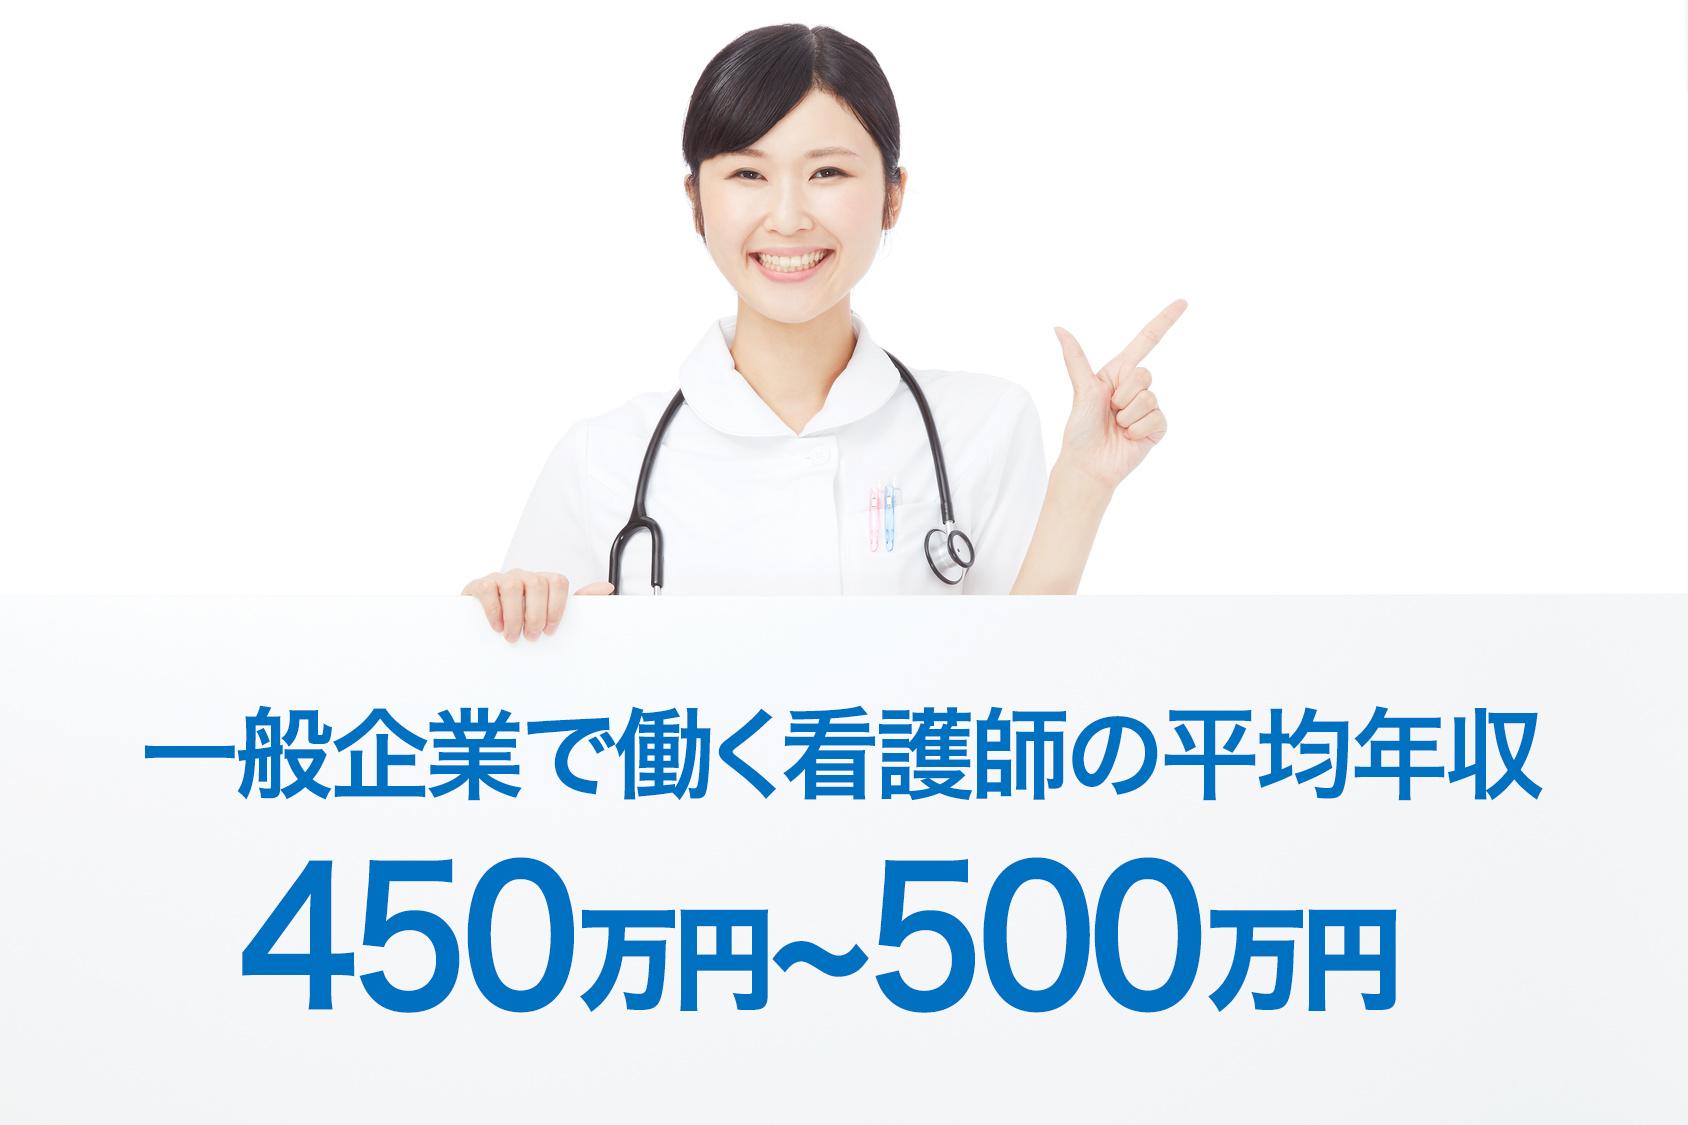 企業で働く看護師の平均給料